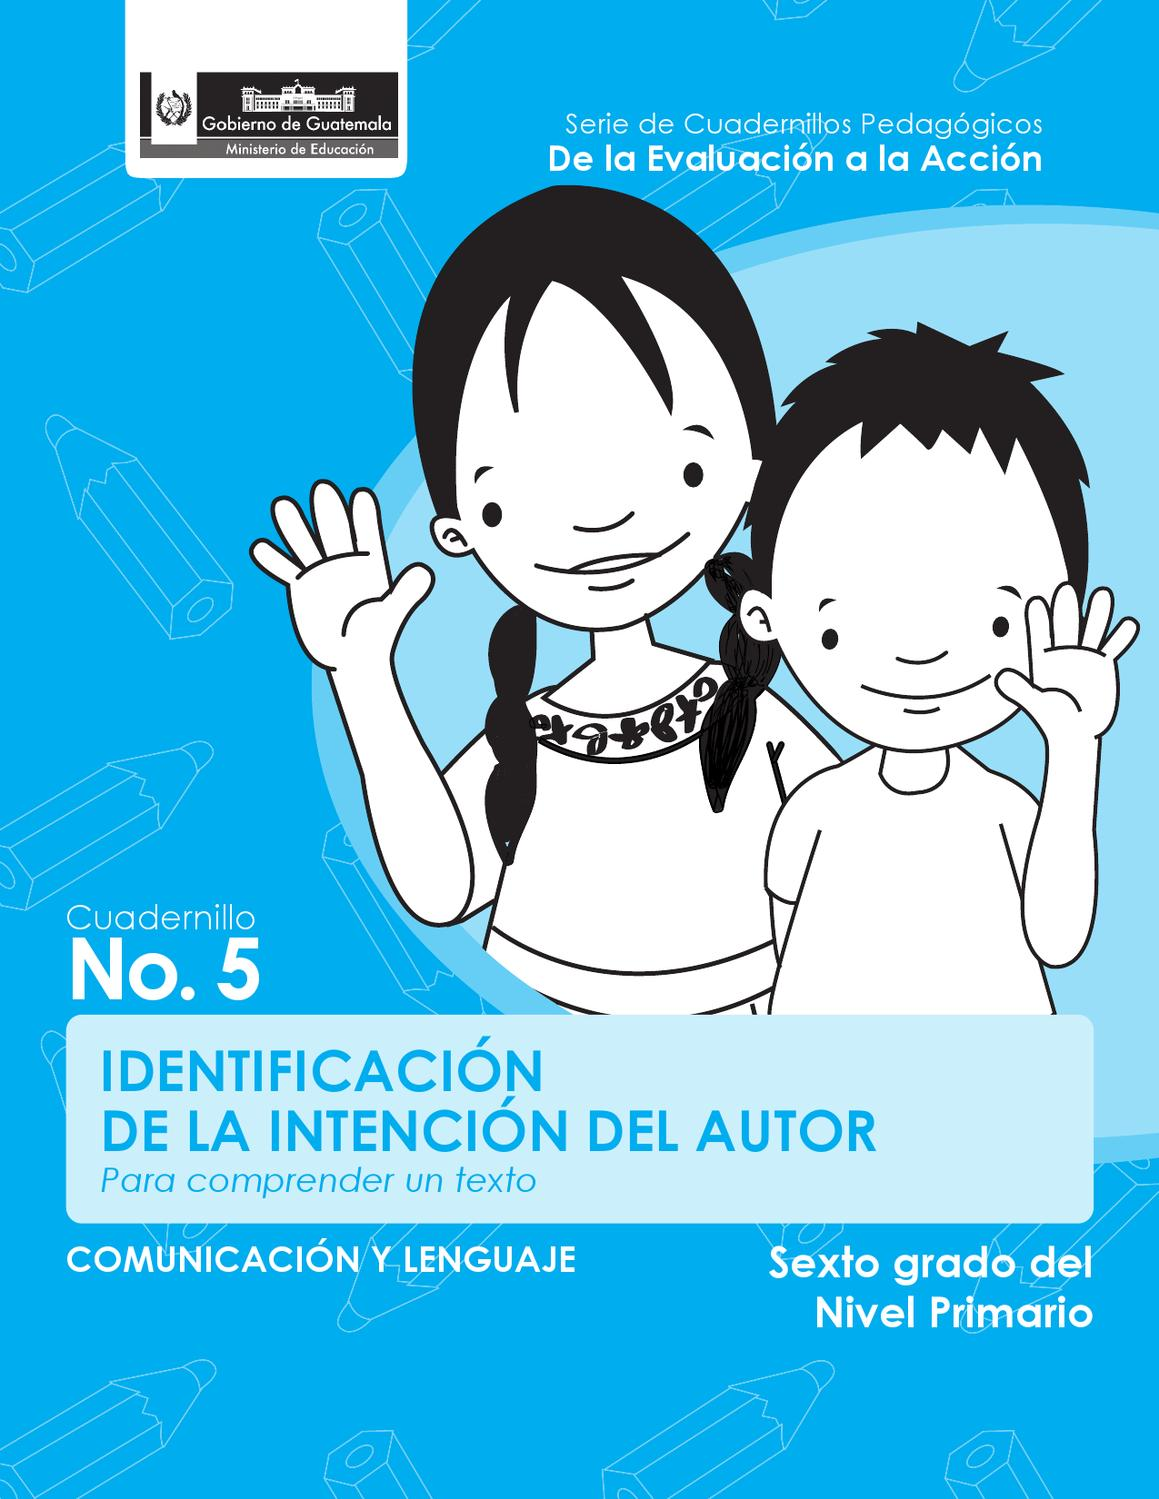 Identificación de la intención del autor by DIGEDUCA MINEDUC - issuu